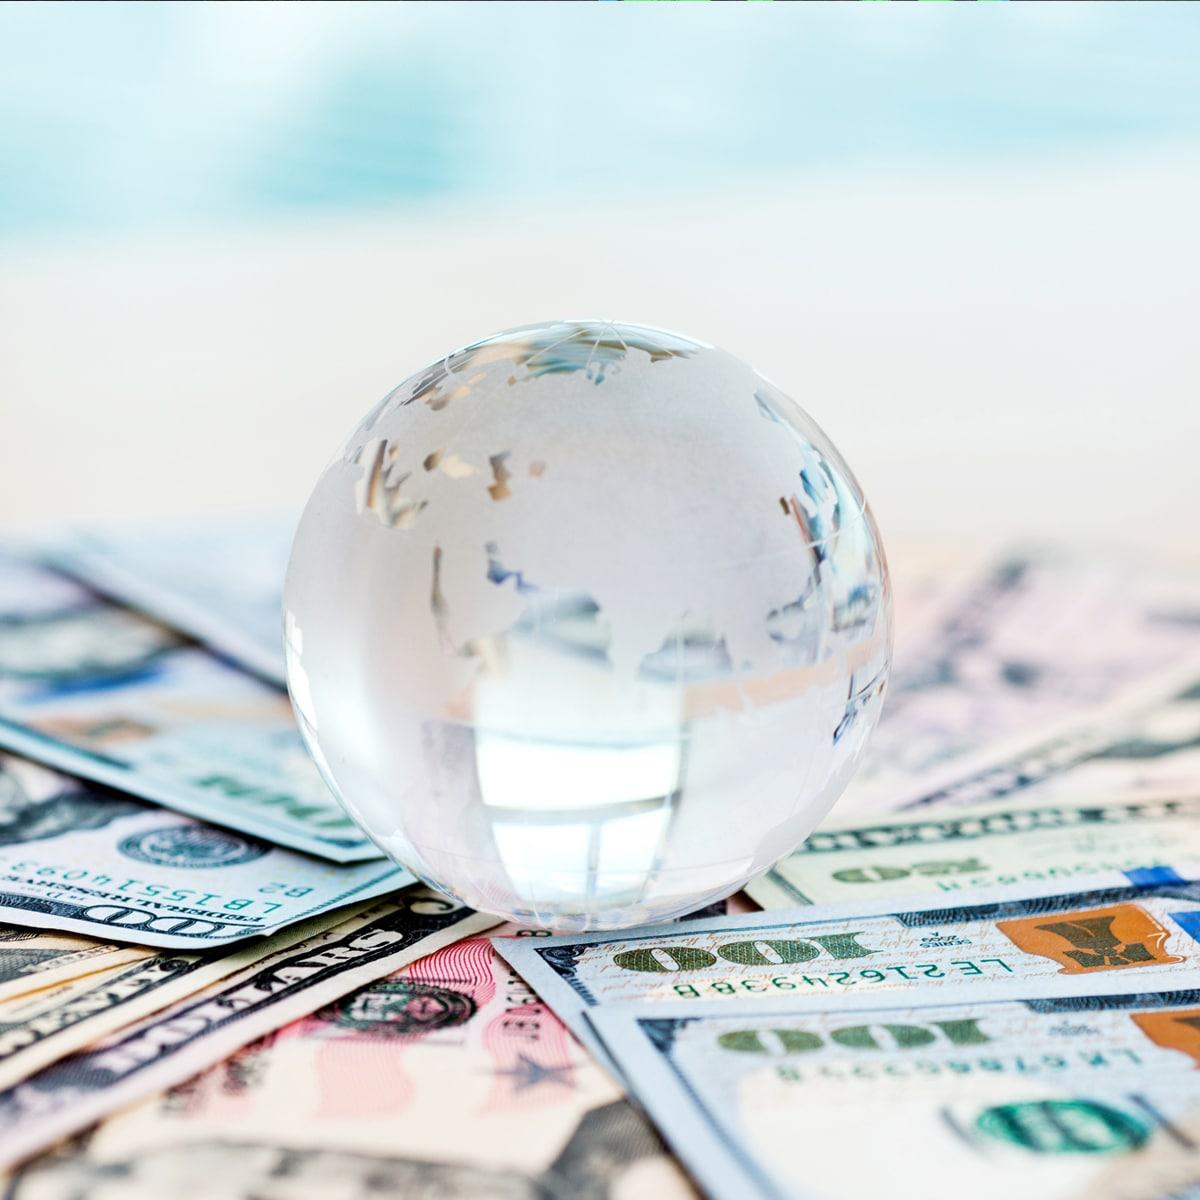 Pil mondiale: l'Ocse taglia di 0,5 punti la stima 2020. Si va verso un +2,4%